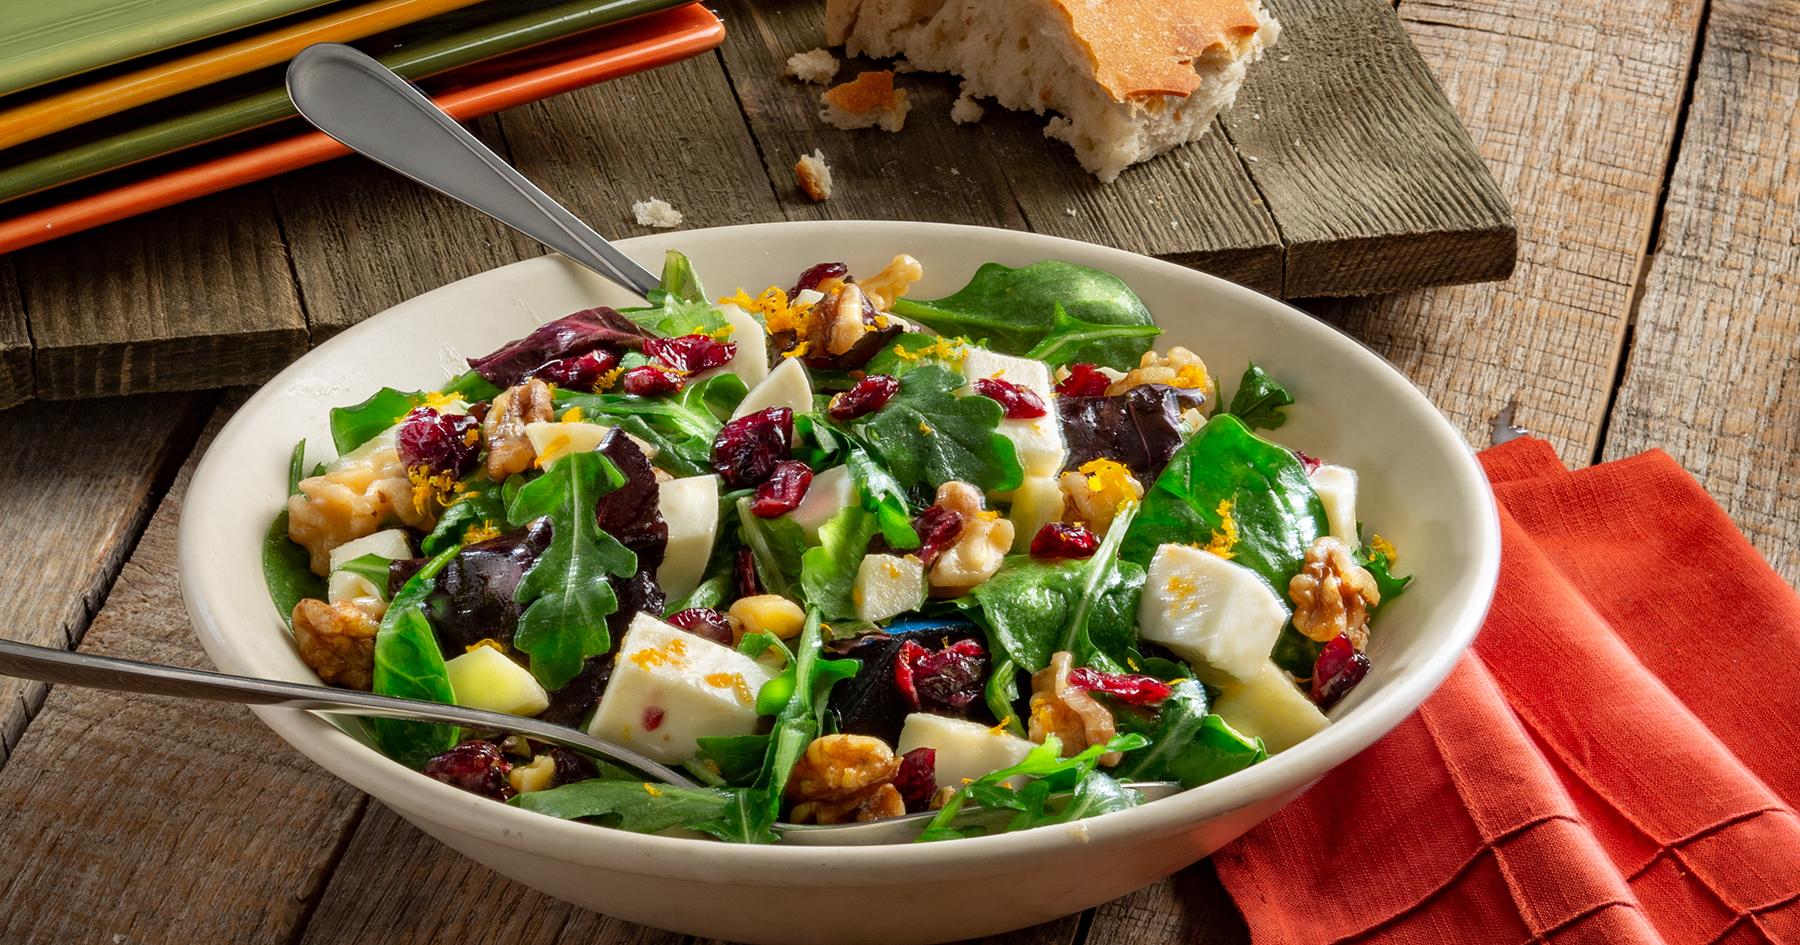 Panzanella Salad with Ciliegine Mozzarella and Truffle Dressing